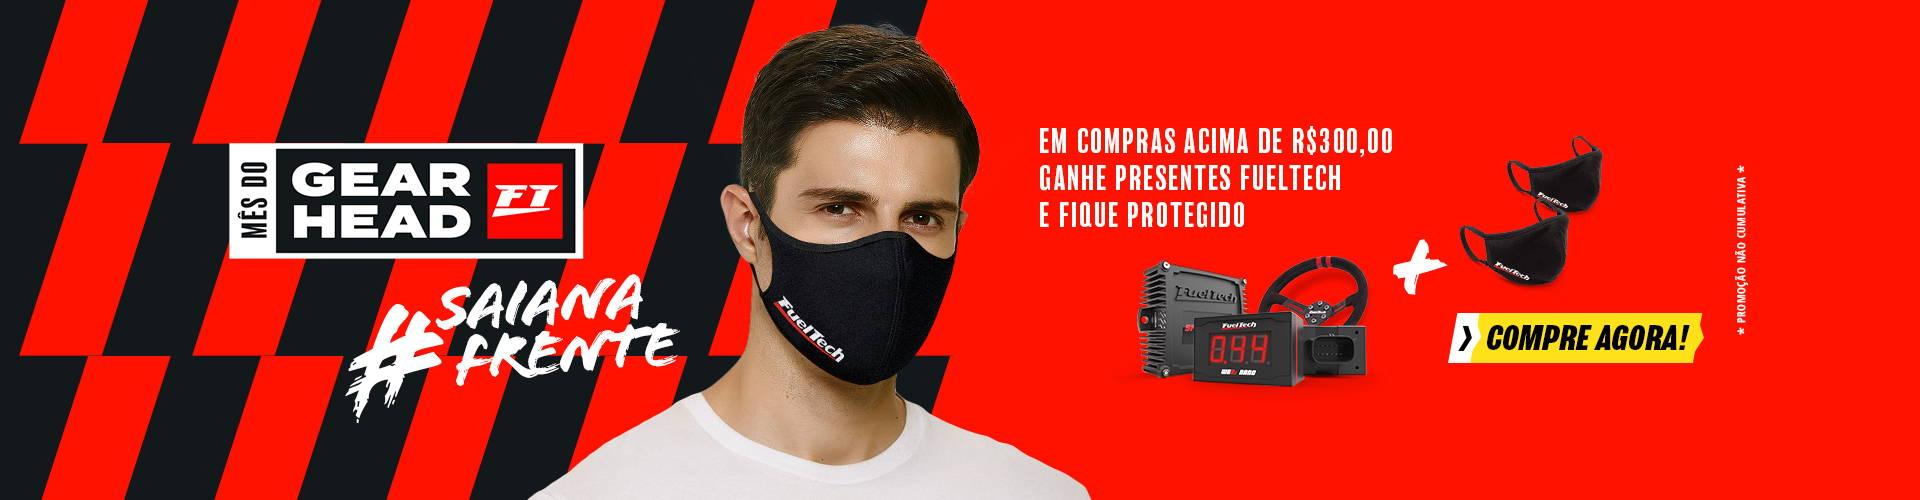 Ganhe um par de máscaras em compras acima de R$ 300,00 no mês do GearHead